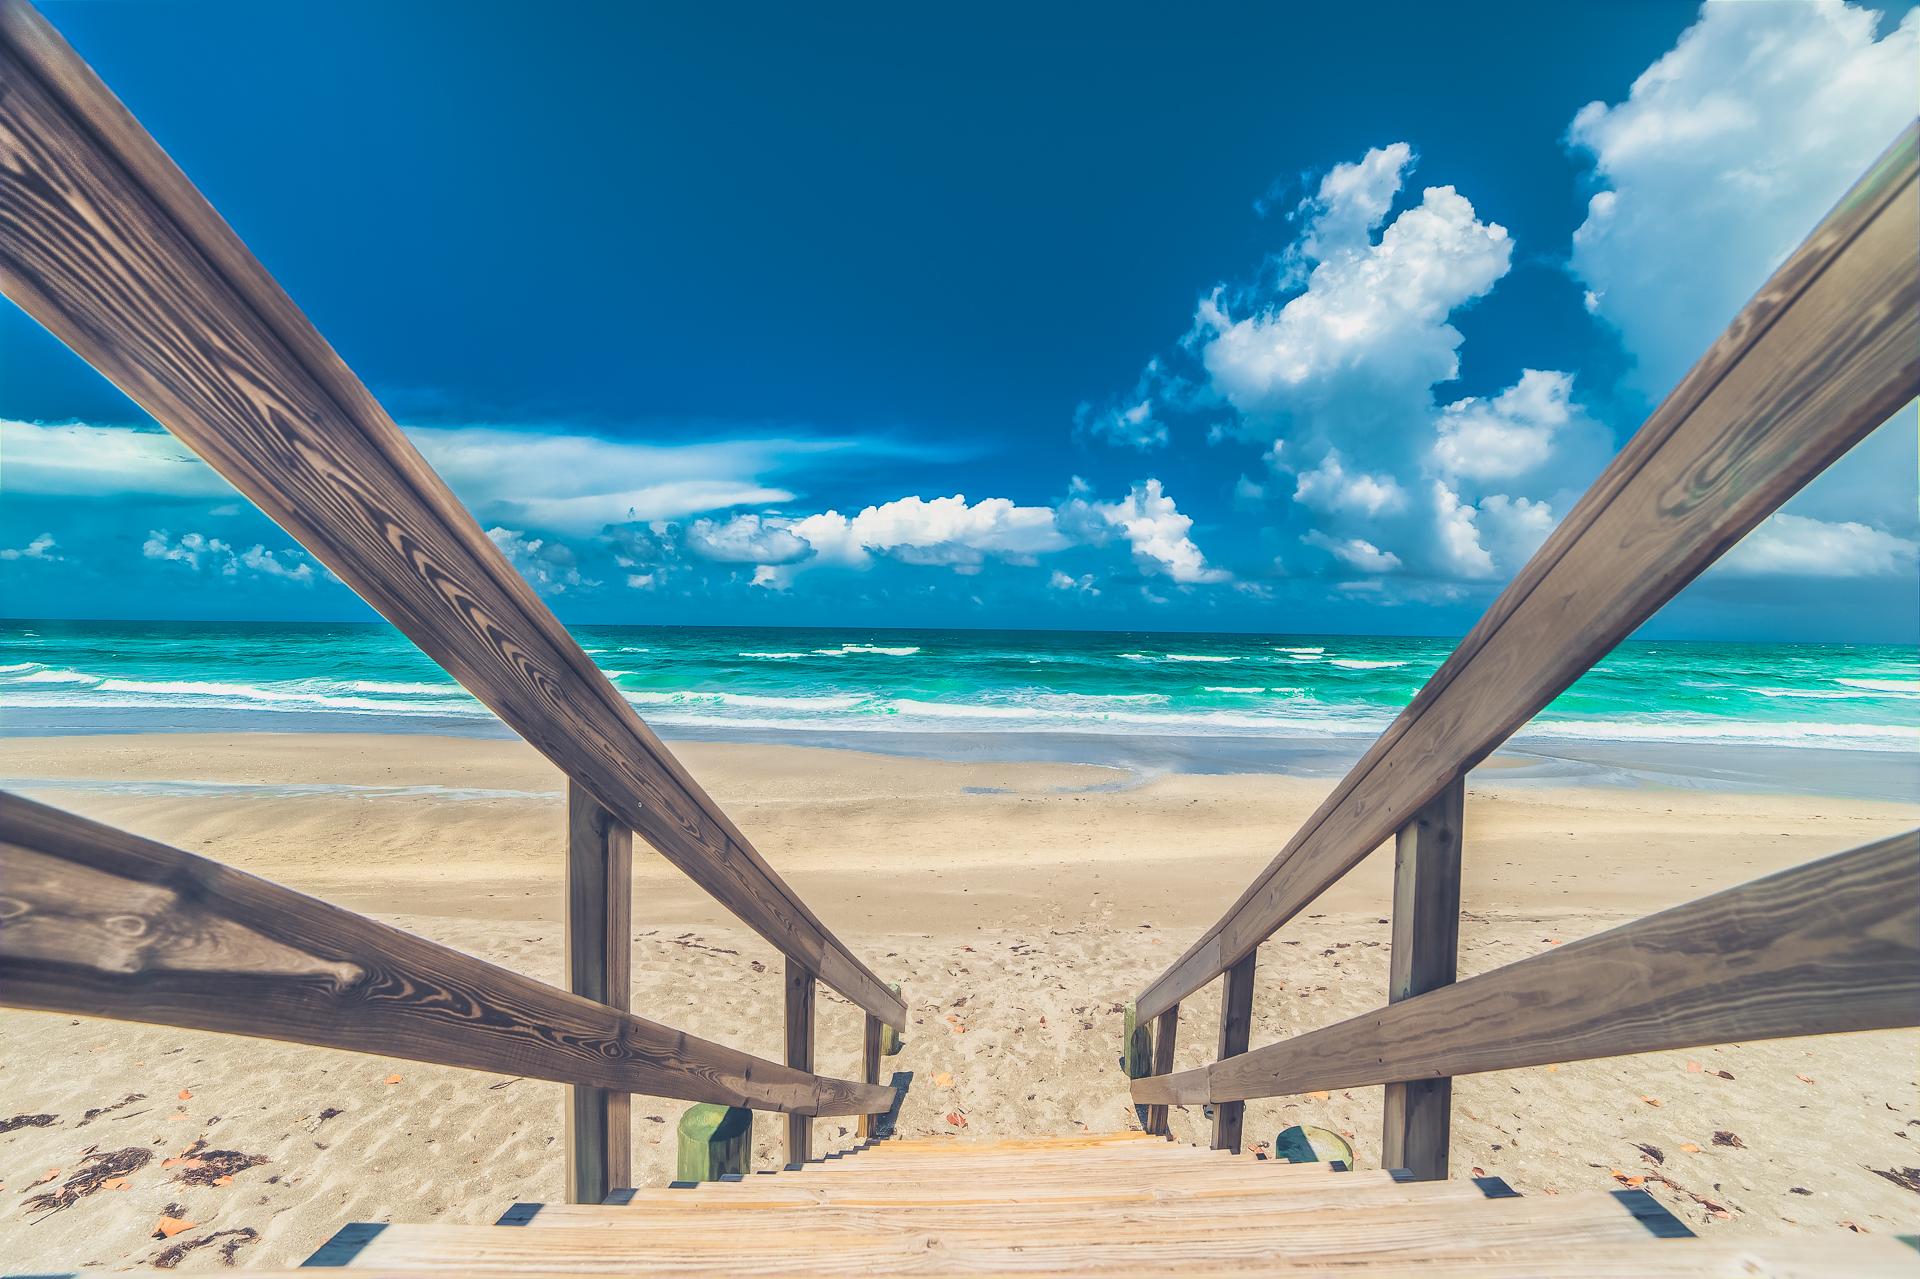 Jupiter Island Boardwalk